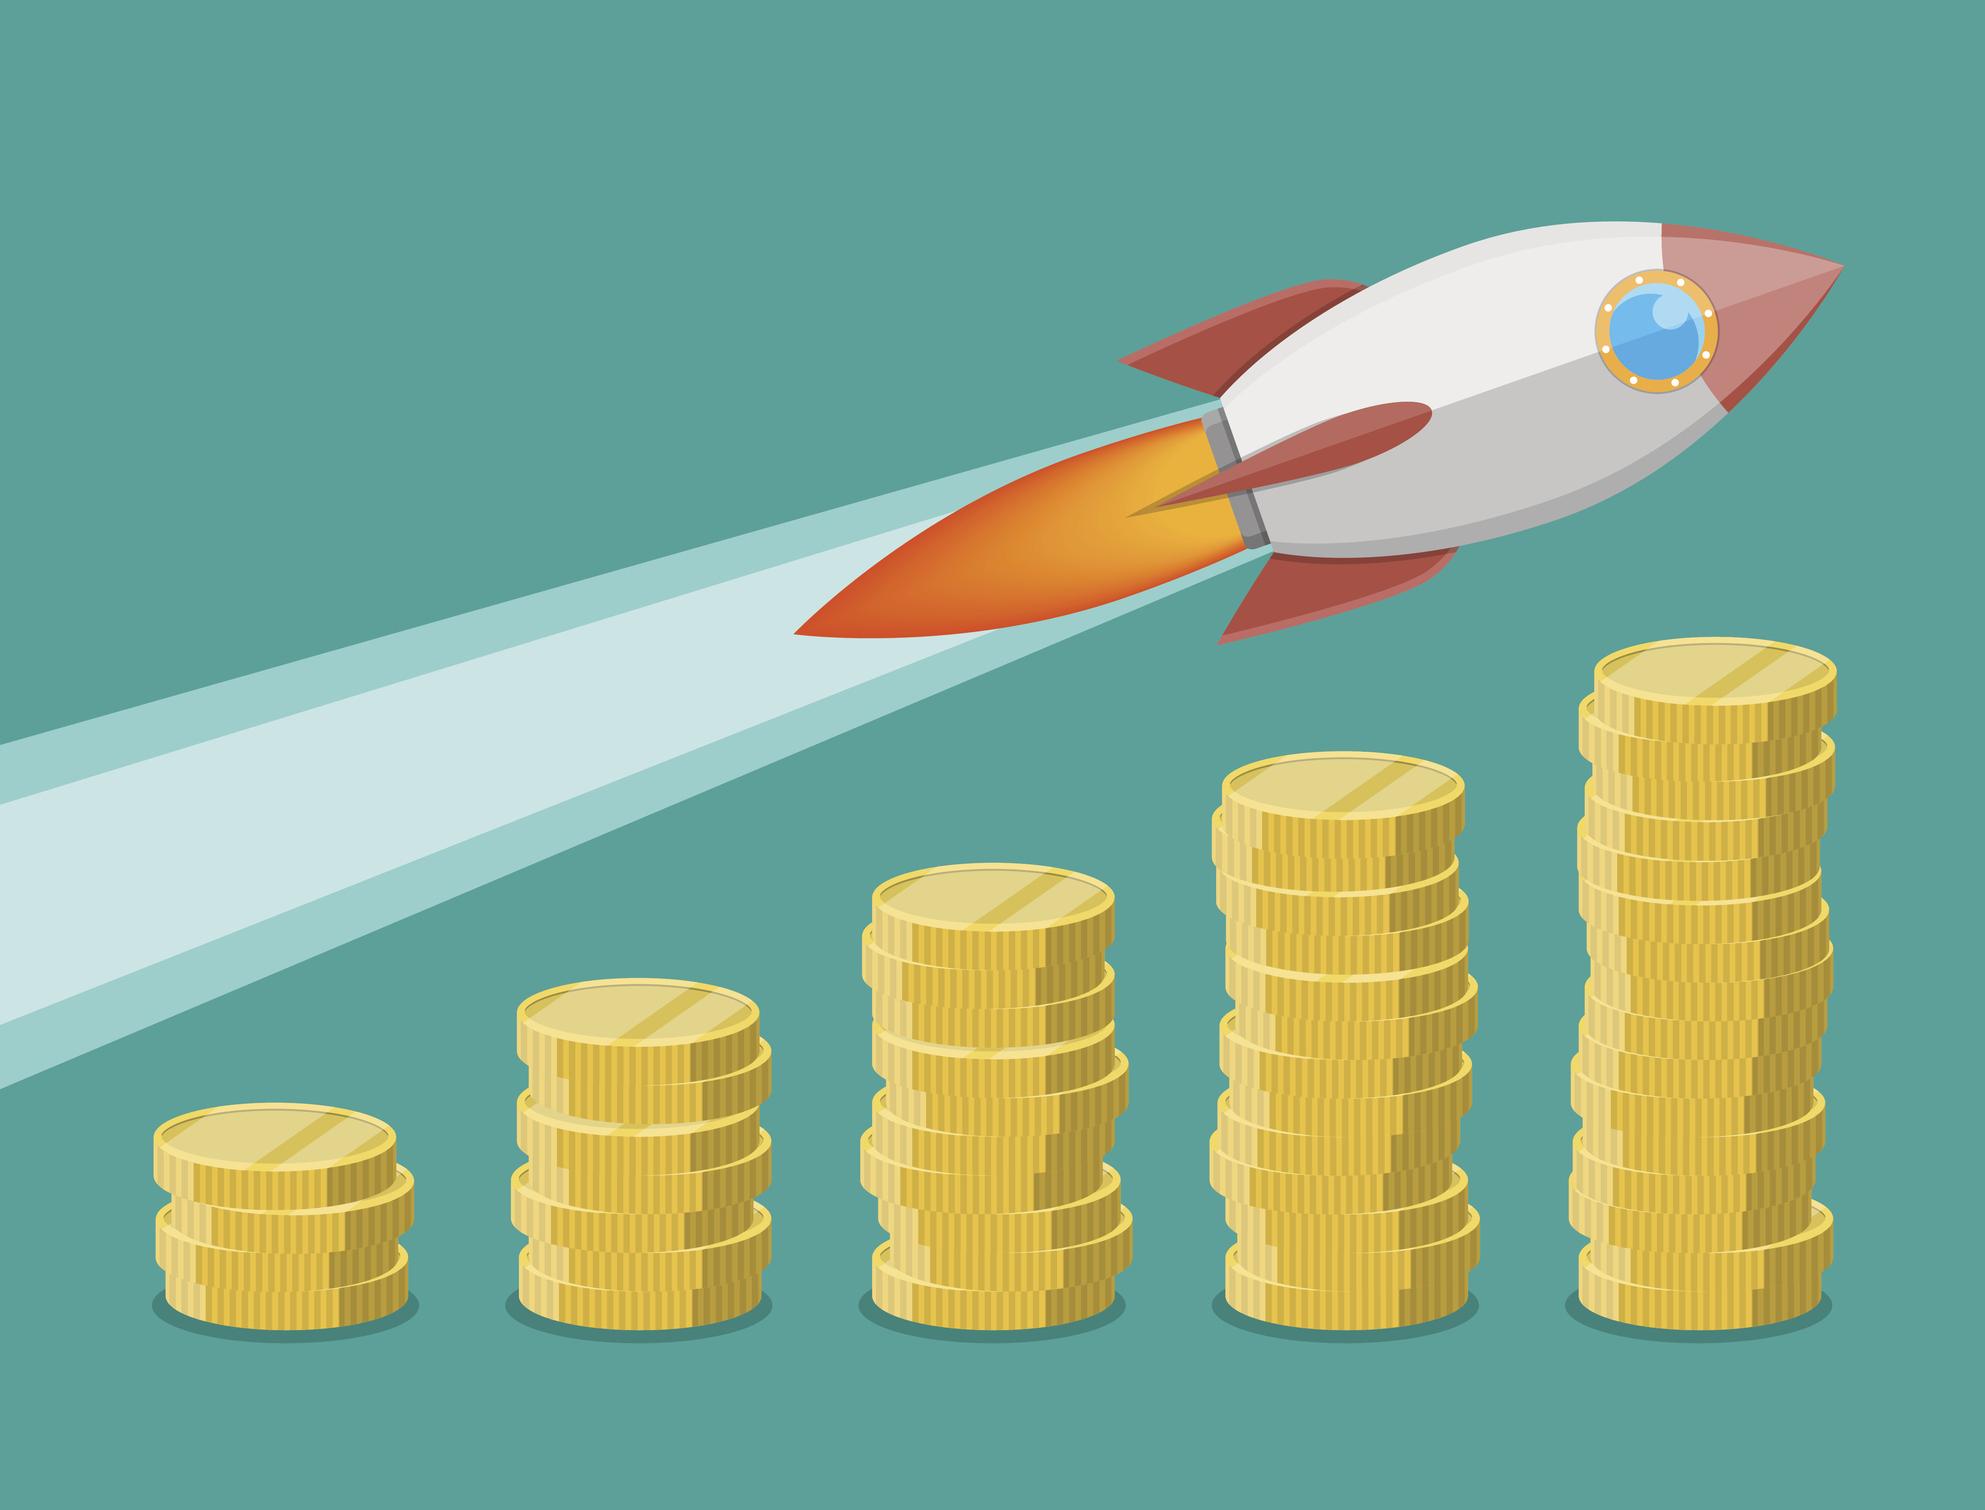 A cartoon of a rocket ship soaring over increasingly taller columns of coins.